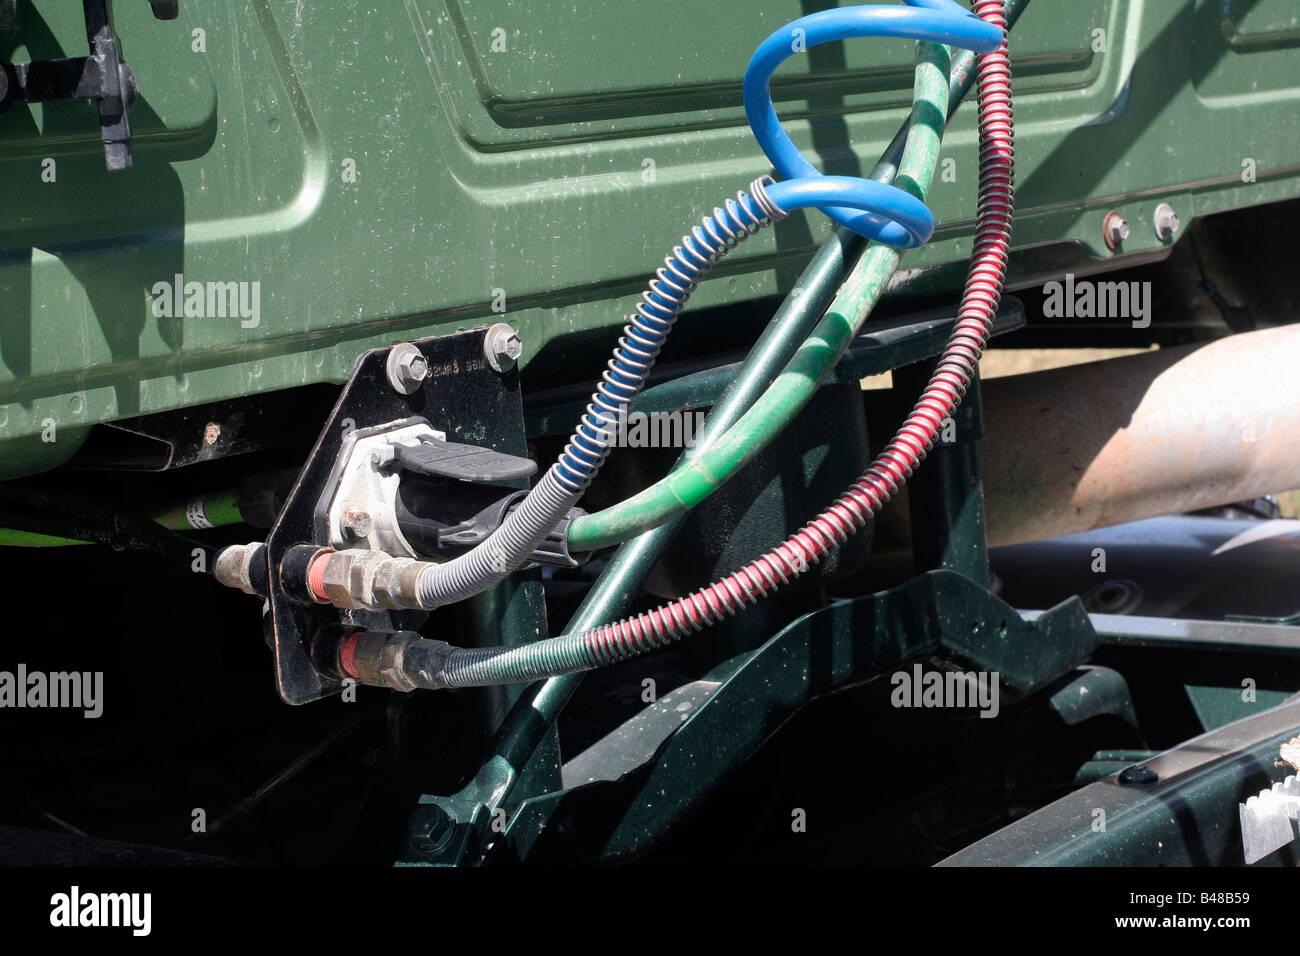 Nett Anhängerverbindung Fotos - Elektrische Schaltplan-Ideen ...